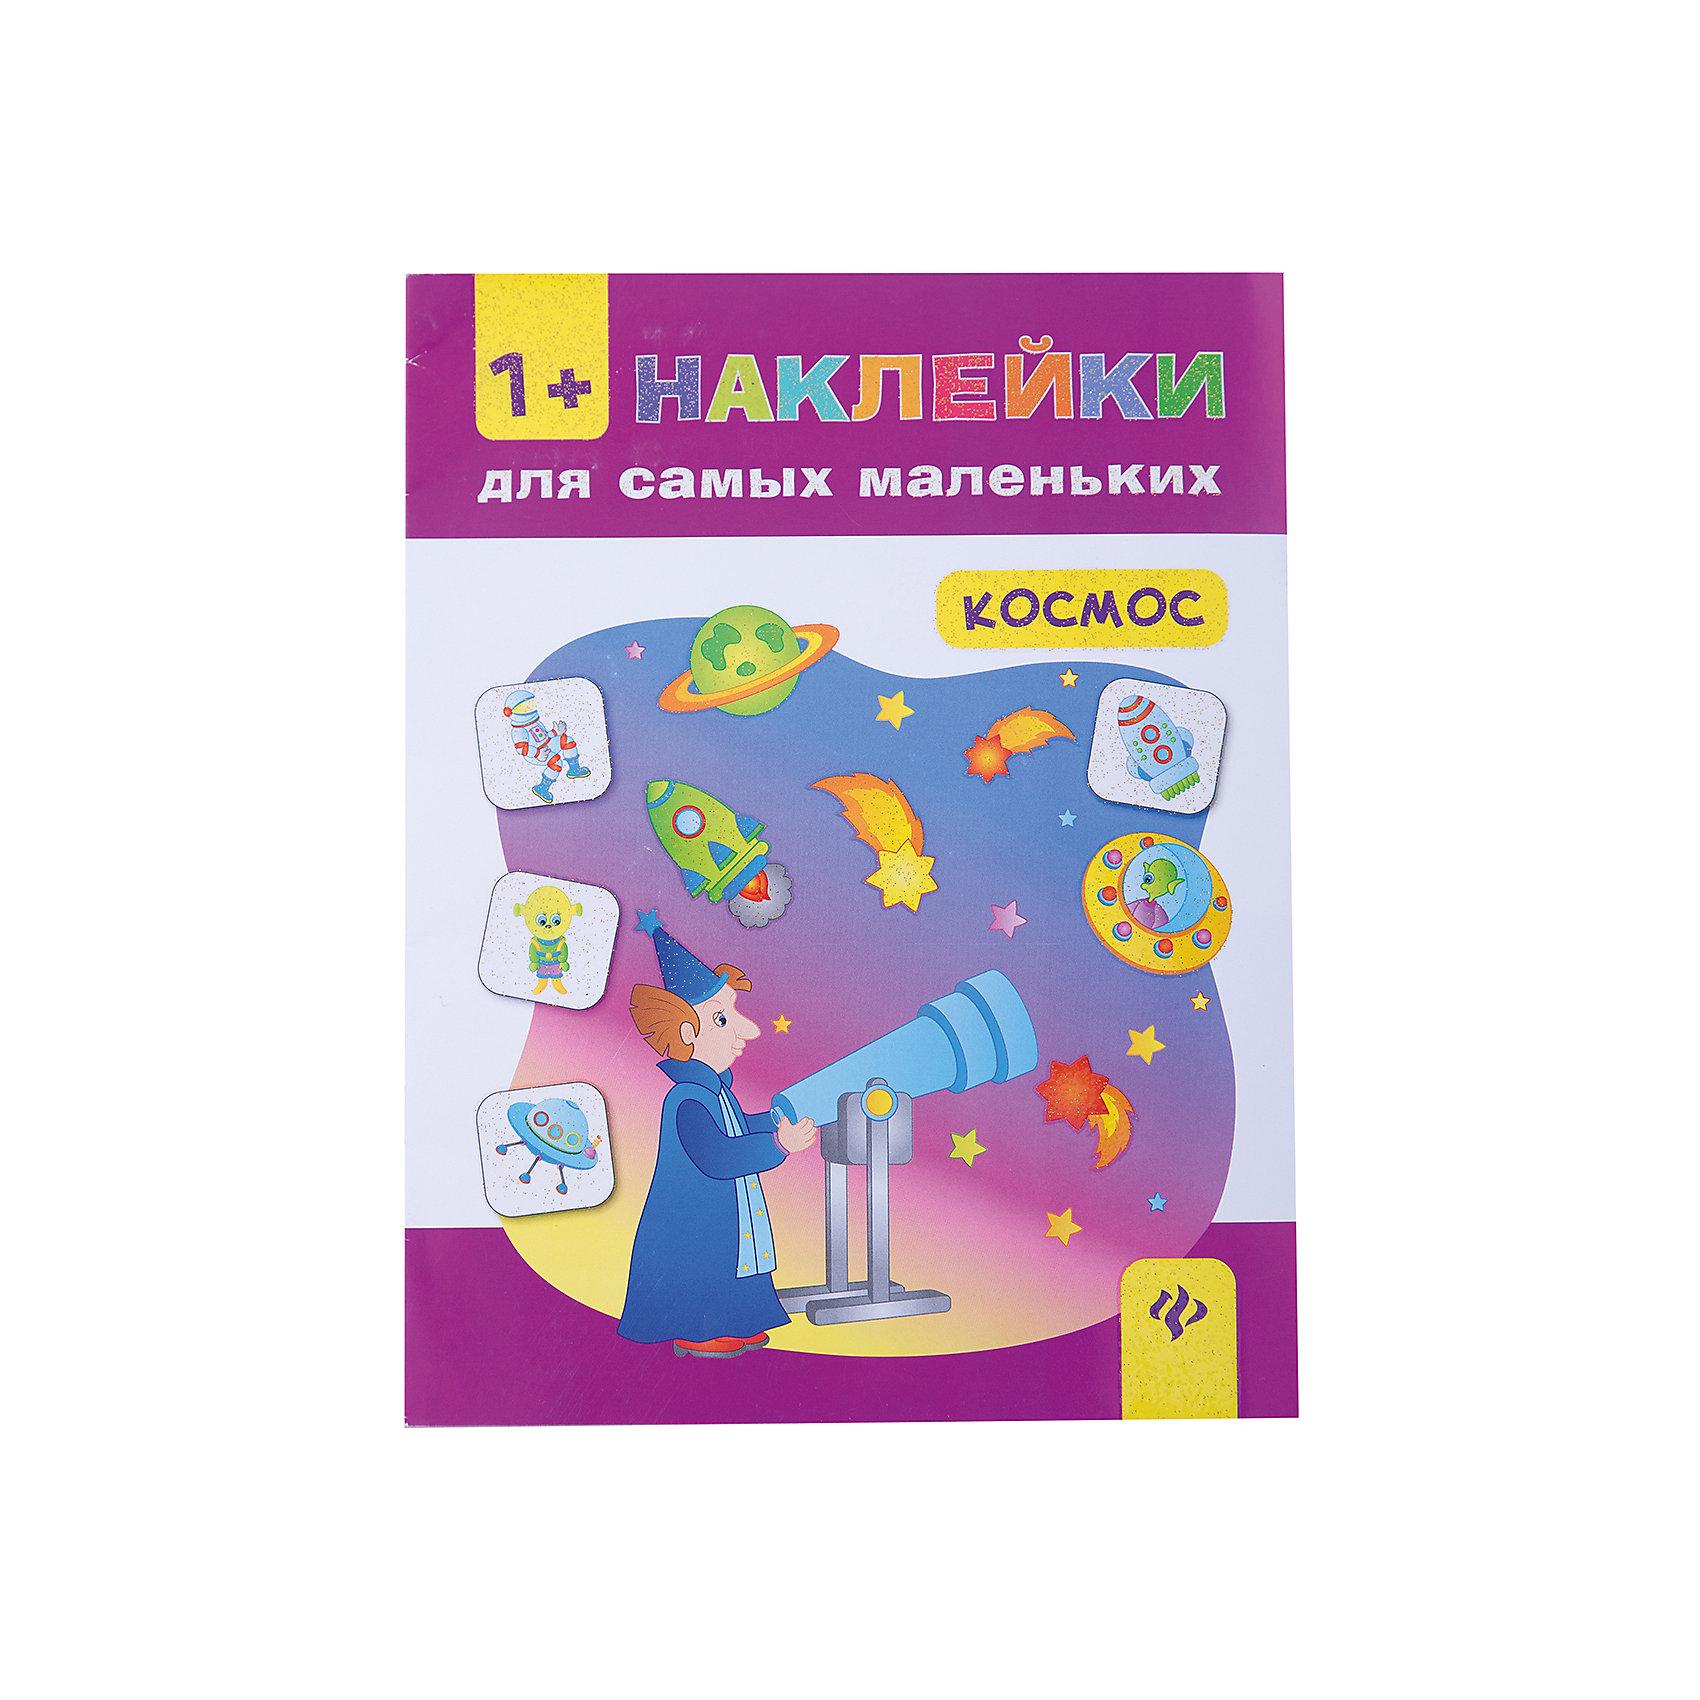 Fenix Космос книги эксмо большой логопедический учебник с заданиями и упражнениями для самых маленьких